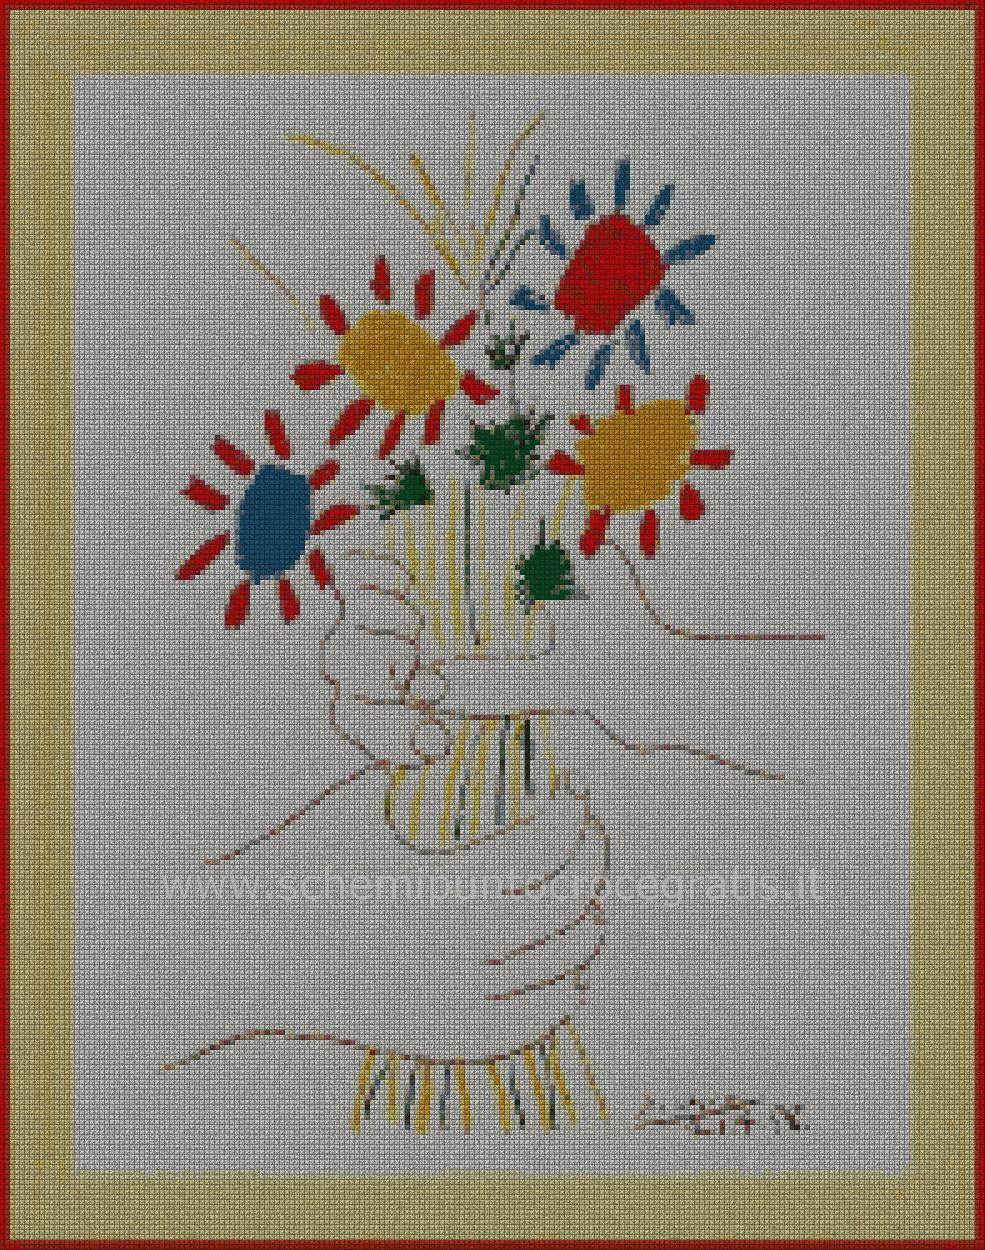 pittori_moderni/picasso/Picasso44.jpg